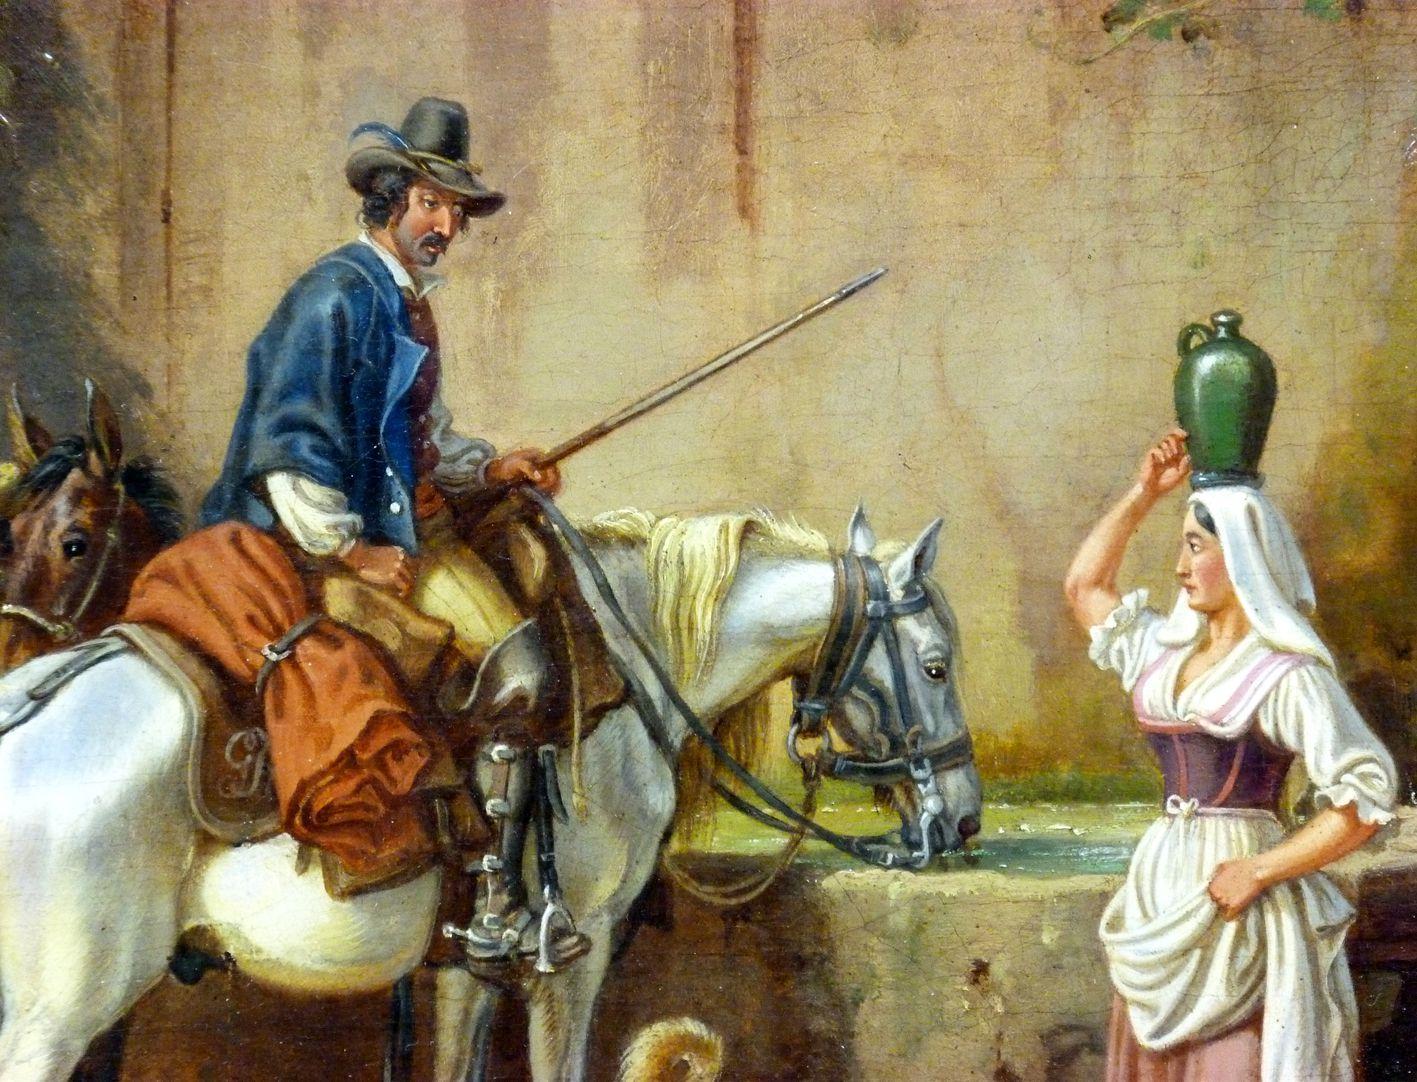 Römische Fuhrleute Detailansicht mit Hauptpersonen